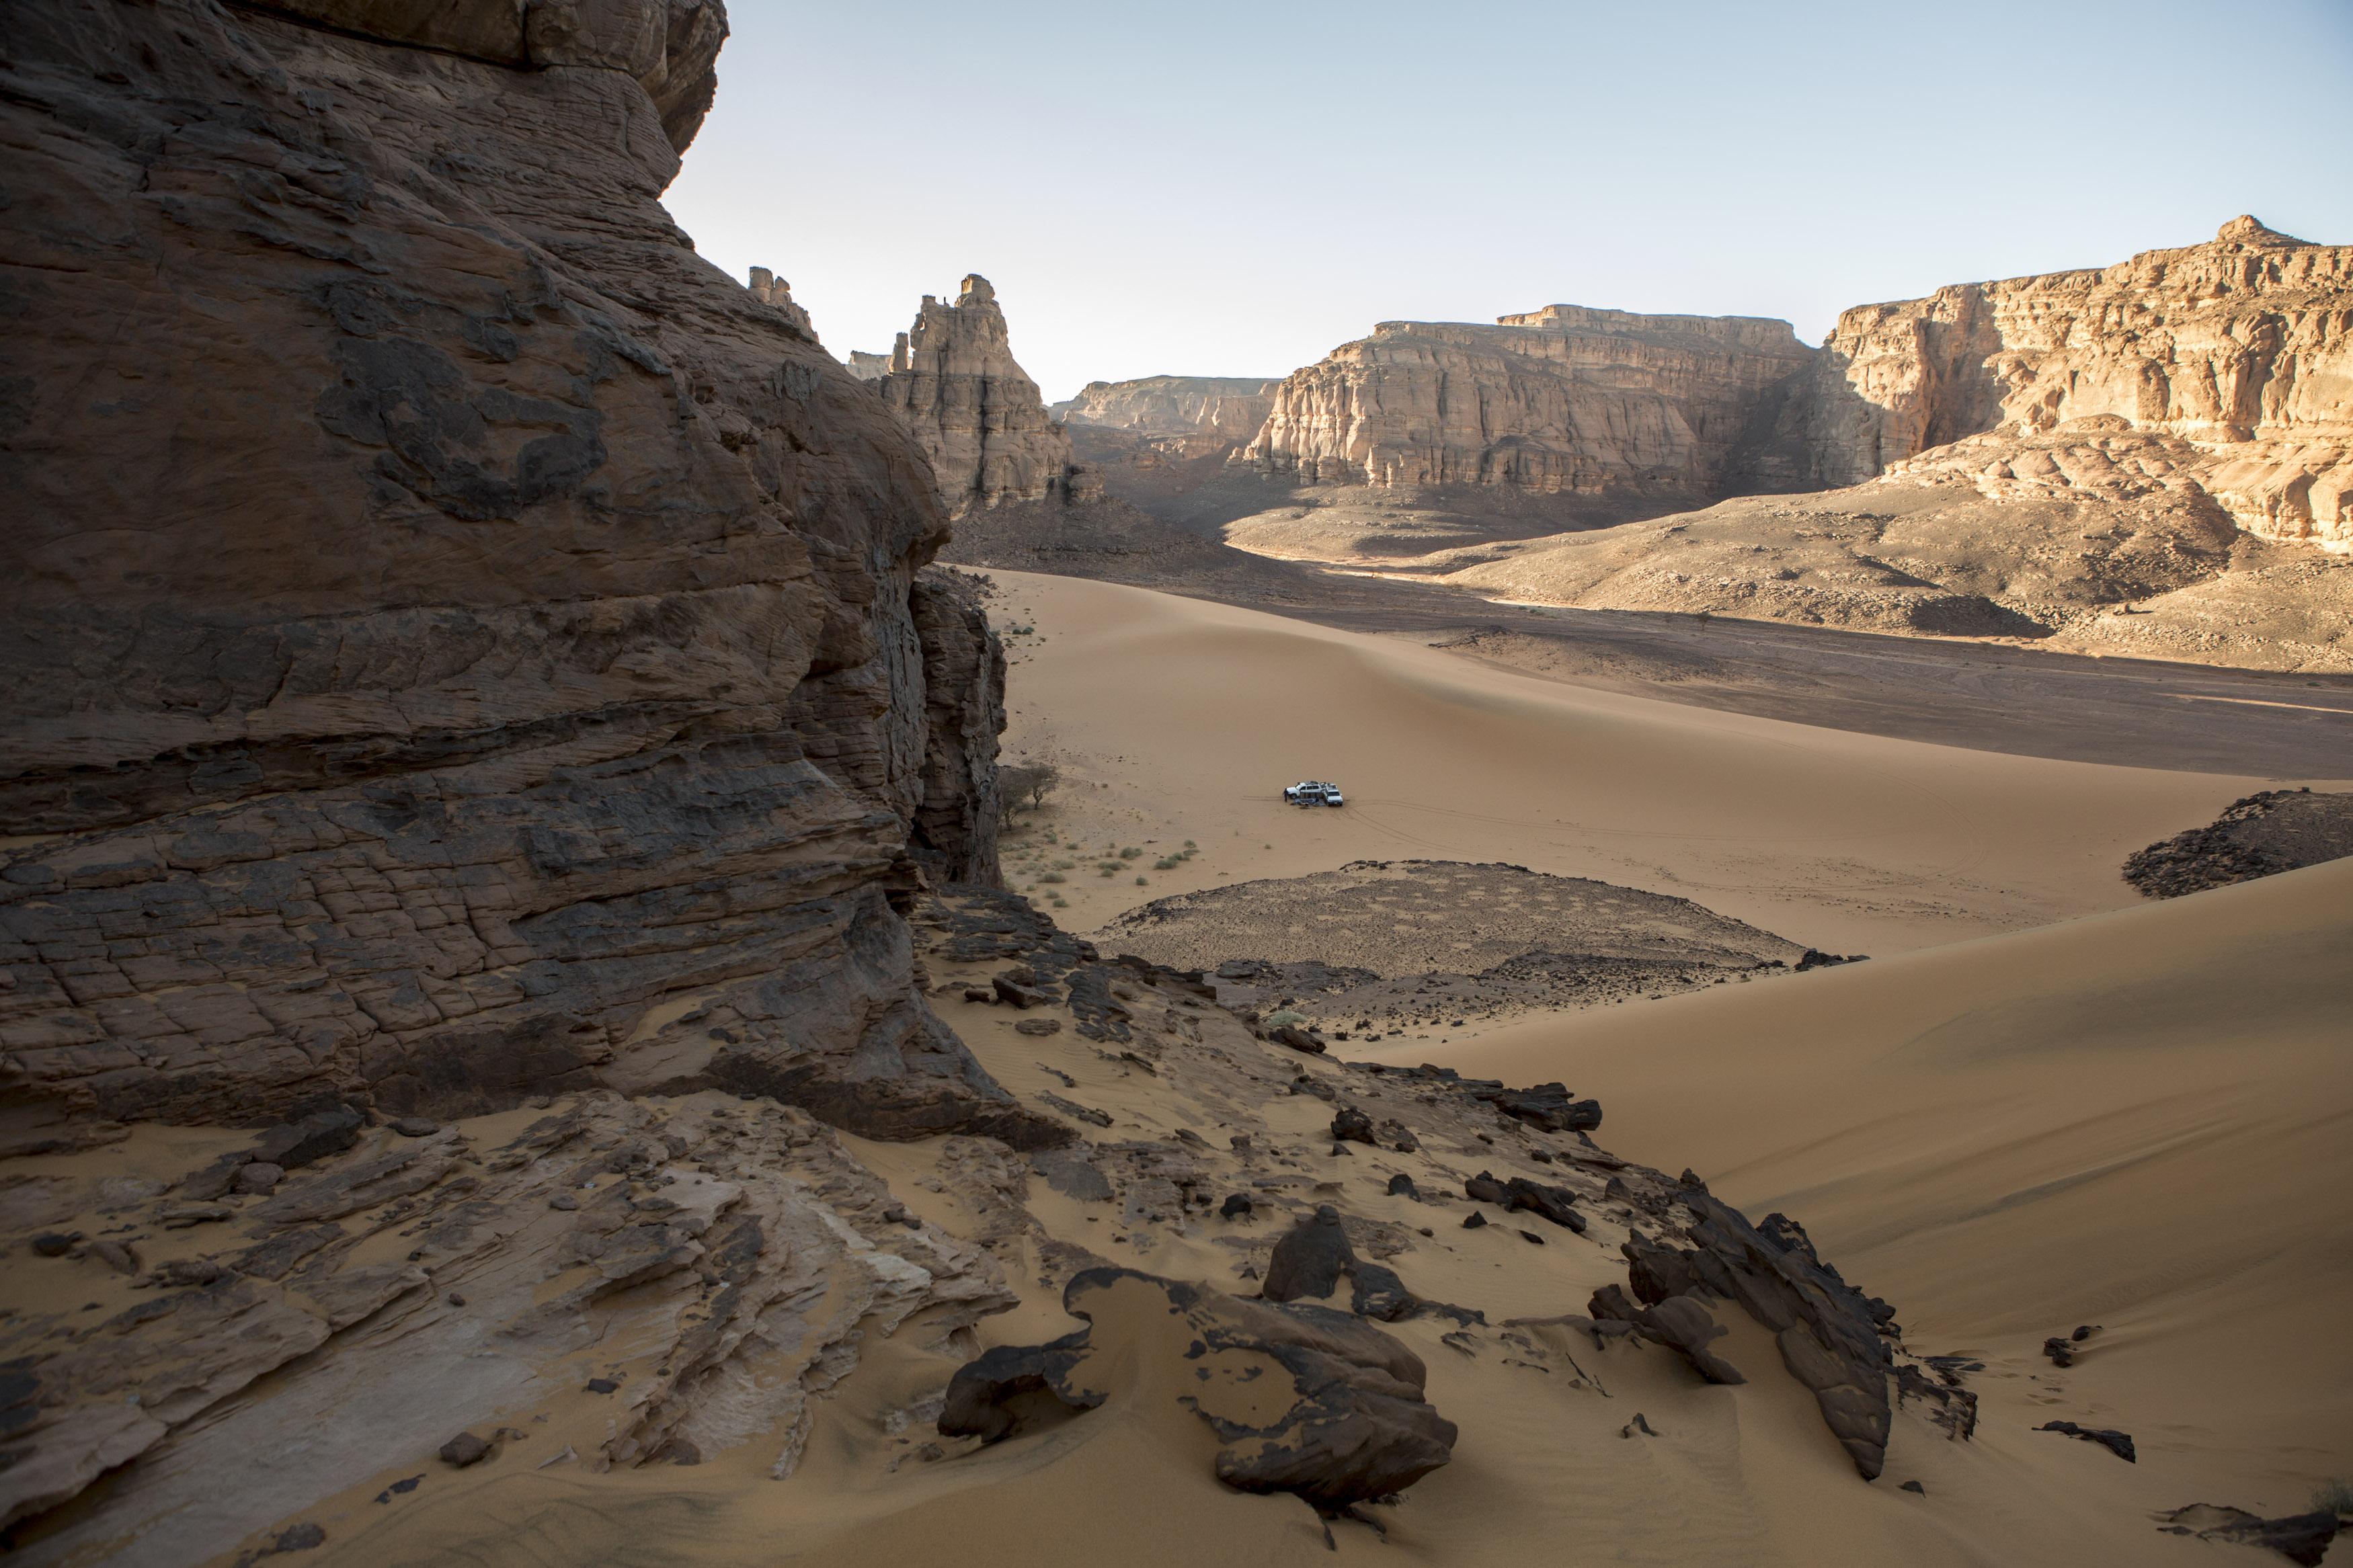 Two crews with their 4x4 vehicles are preparing for the evening bivouac in the Tadrart. La Tadrart (200 km southeast)The Tadrart (200 km southeast of Djanet) is located in the south of the Tassili N'Ajjer National Park and is part of one of the most beautiful desert in the world but above all the central Sahara.From huge canyons to cliffs carved with rocky peaks of various shapes mix with dunes of colored sand with yellow and red reflections. The Tadrart, Algeria-February 5, 2017. Deux équipages avec leur véhicules 4x4 se préparent pour le bivouac du soir dans la Tadrart. La Tadrart (200 km au sud-est de Djanet) se situe dans le sud du Parc National du Tassili N'Ajjer et il fait partie d'un des plus beau désert au monde mais avant tout du Sahara central. D'immenses canyons aux falaises sculptées avec de pitons rocheux aux formes les plus diverses  se mélangent avec des dunes de sable coloré aux reflets jaune et rouge. La Tadrart,, Algérie-5 février 2017.